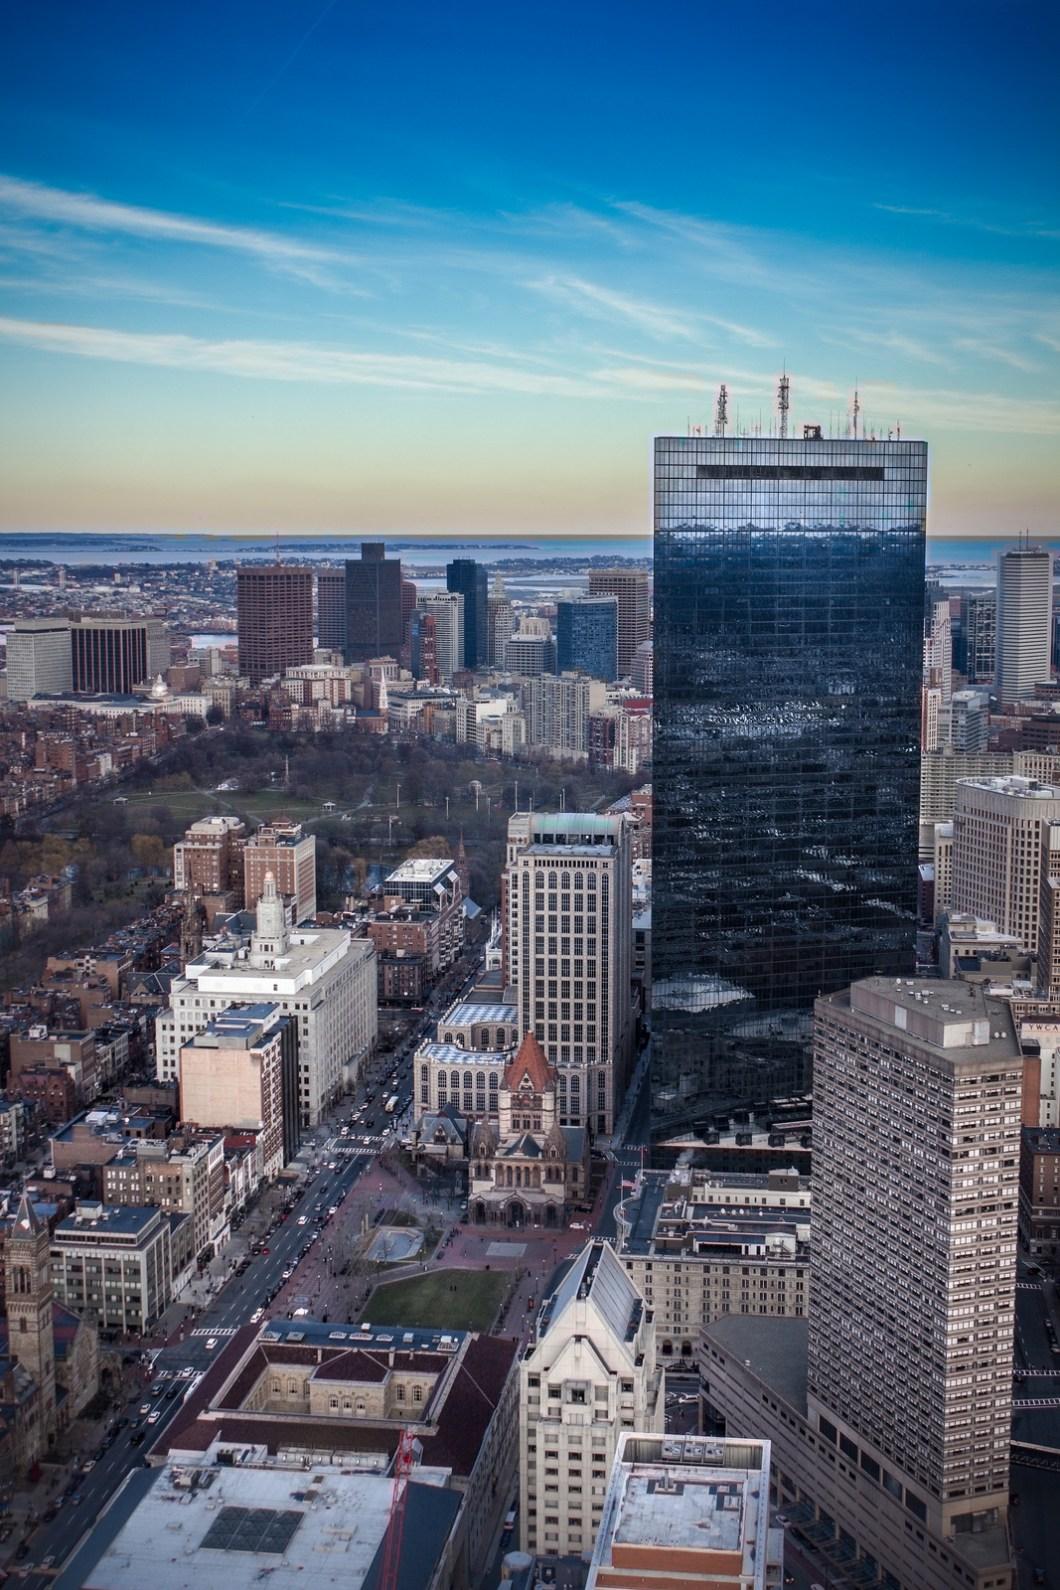 Imagen gratis de una ciudad desde las alturas